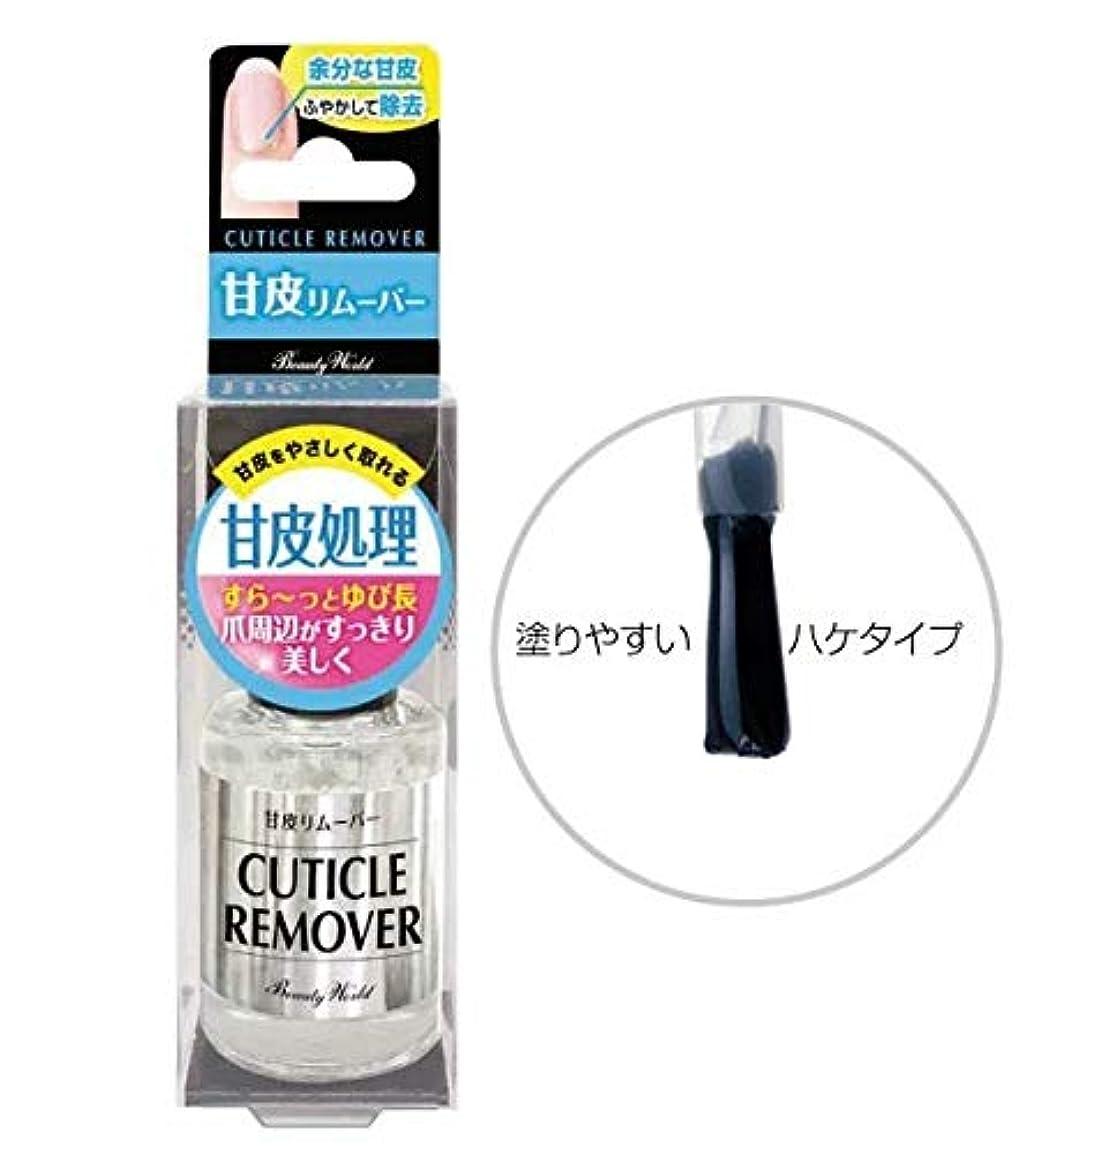 集中はず期間BW LT甘皮リムーバー 10ml AMR581 美容 ネイル 爪 甘皮 ケア 除去 ささくれ 指先 綺麗 ハケタイプ マニキュア ビューティーワールド